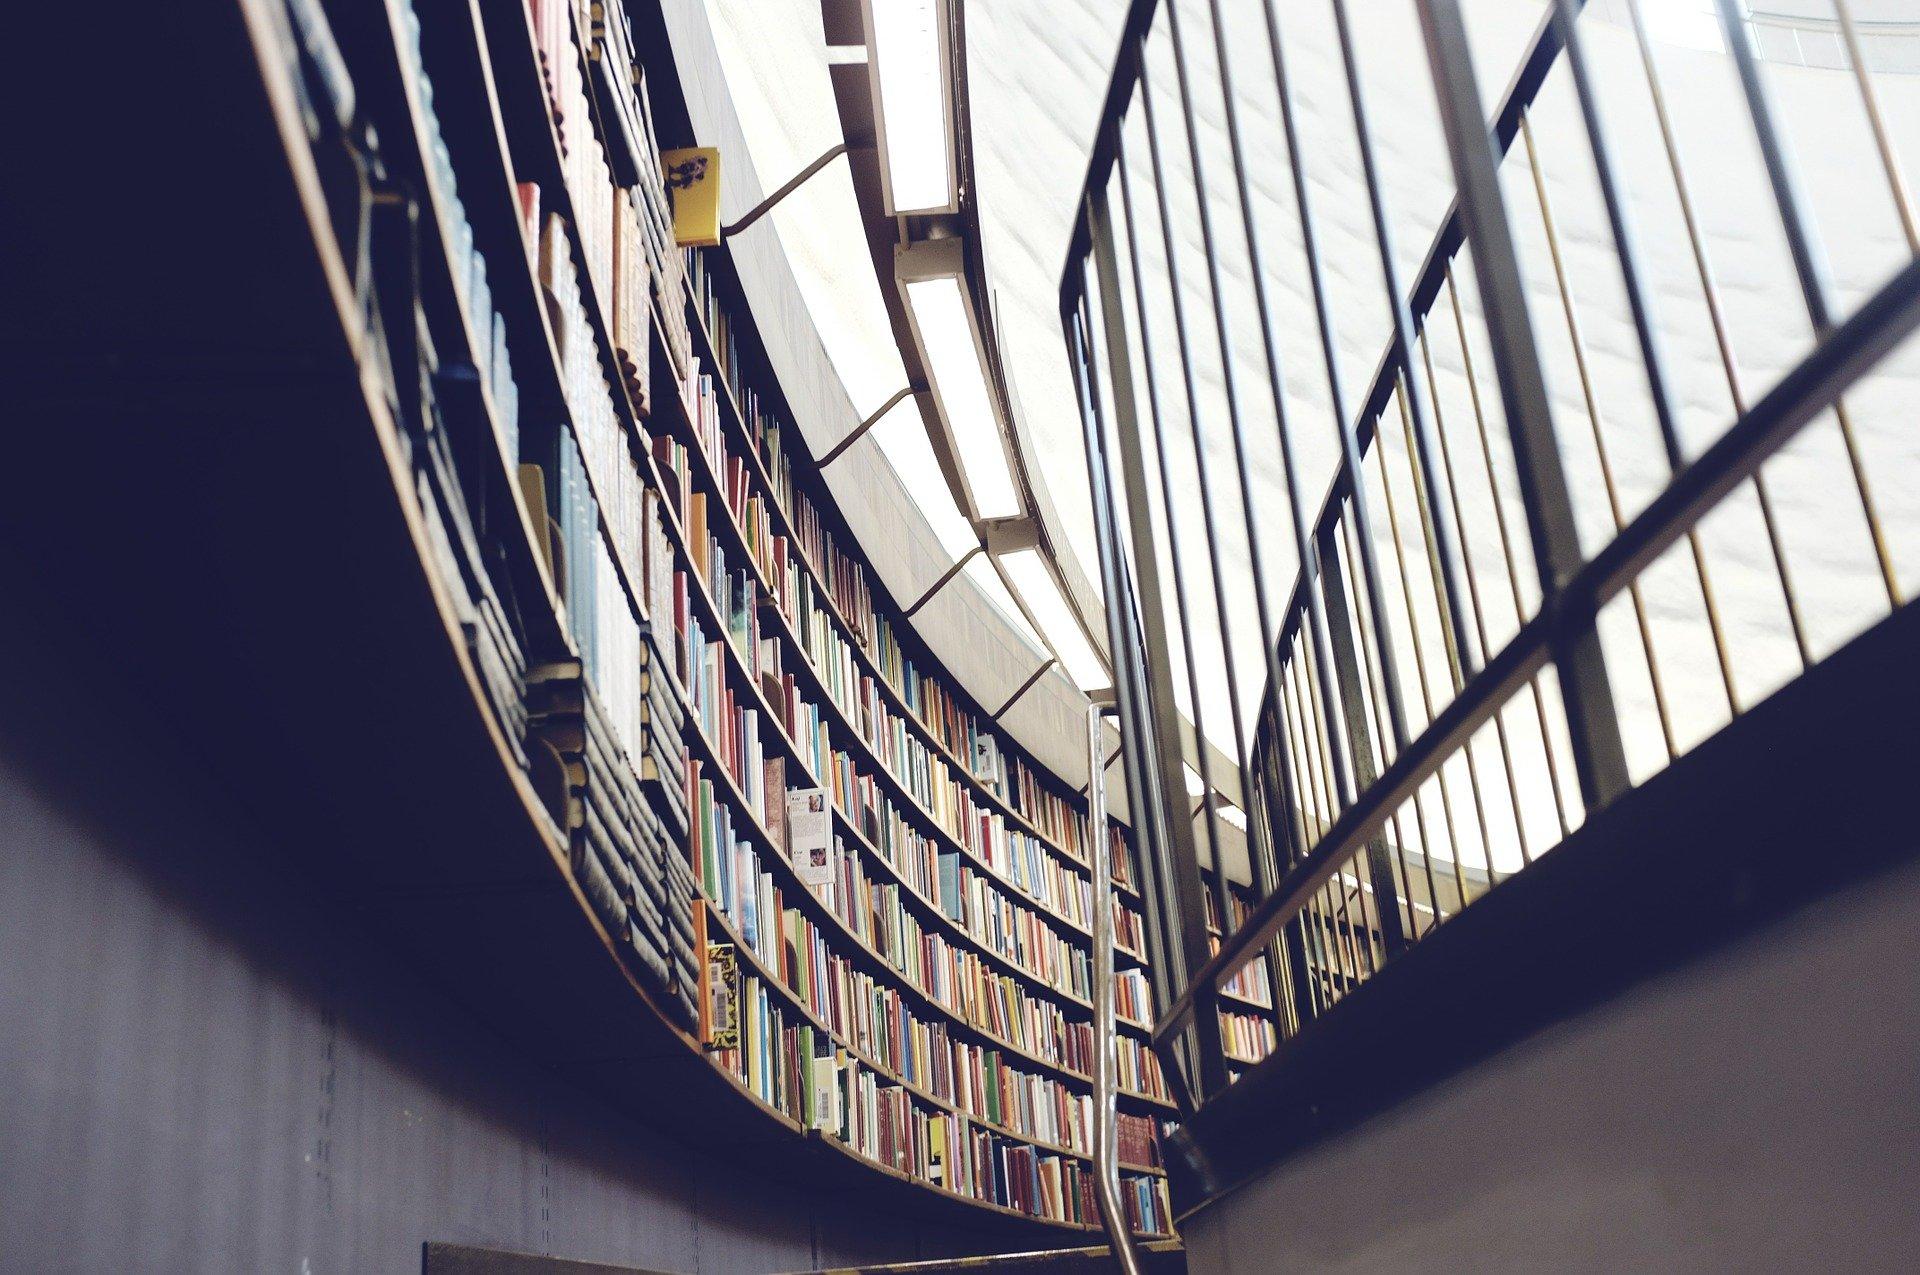 Universidade particular: conheça as principais formas de ingresso